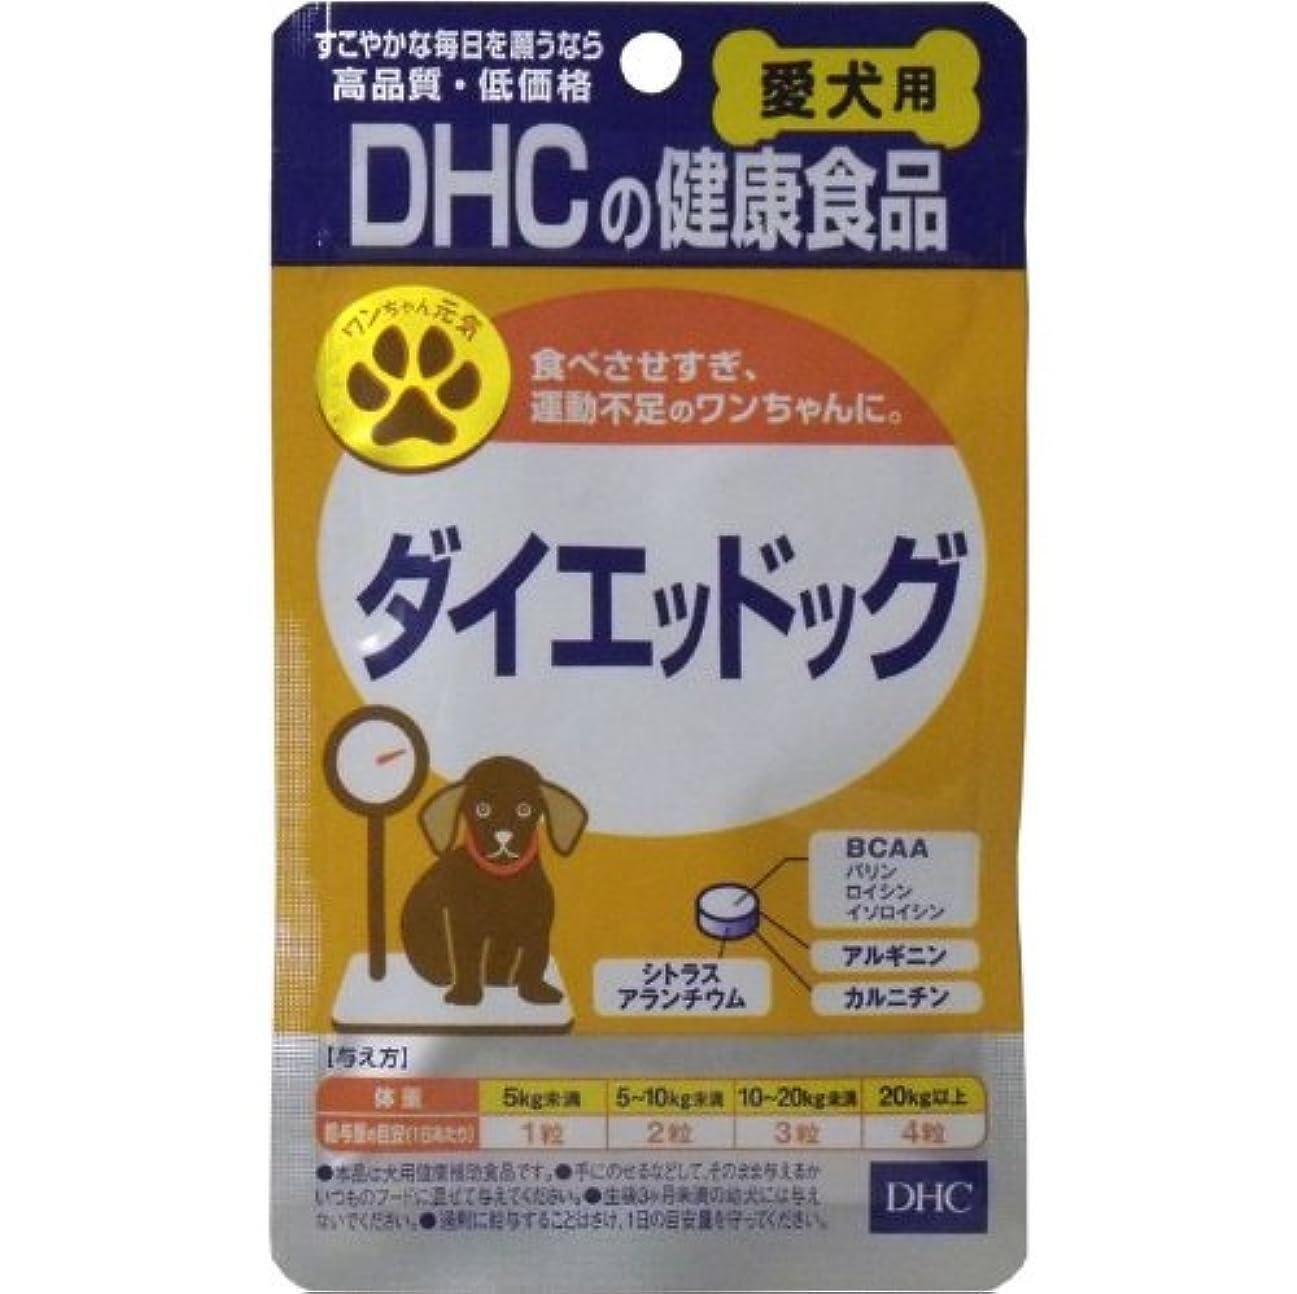 バルコニー贅沢四面体ペット用品 ペットサプリメント ダイエット 健康 食品 犬用